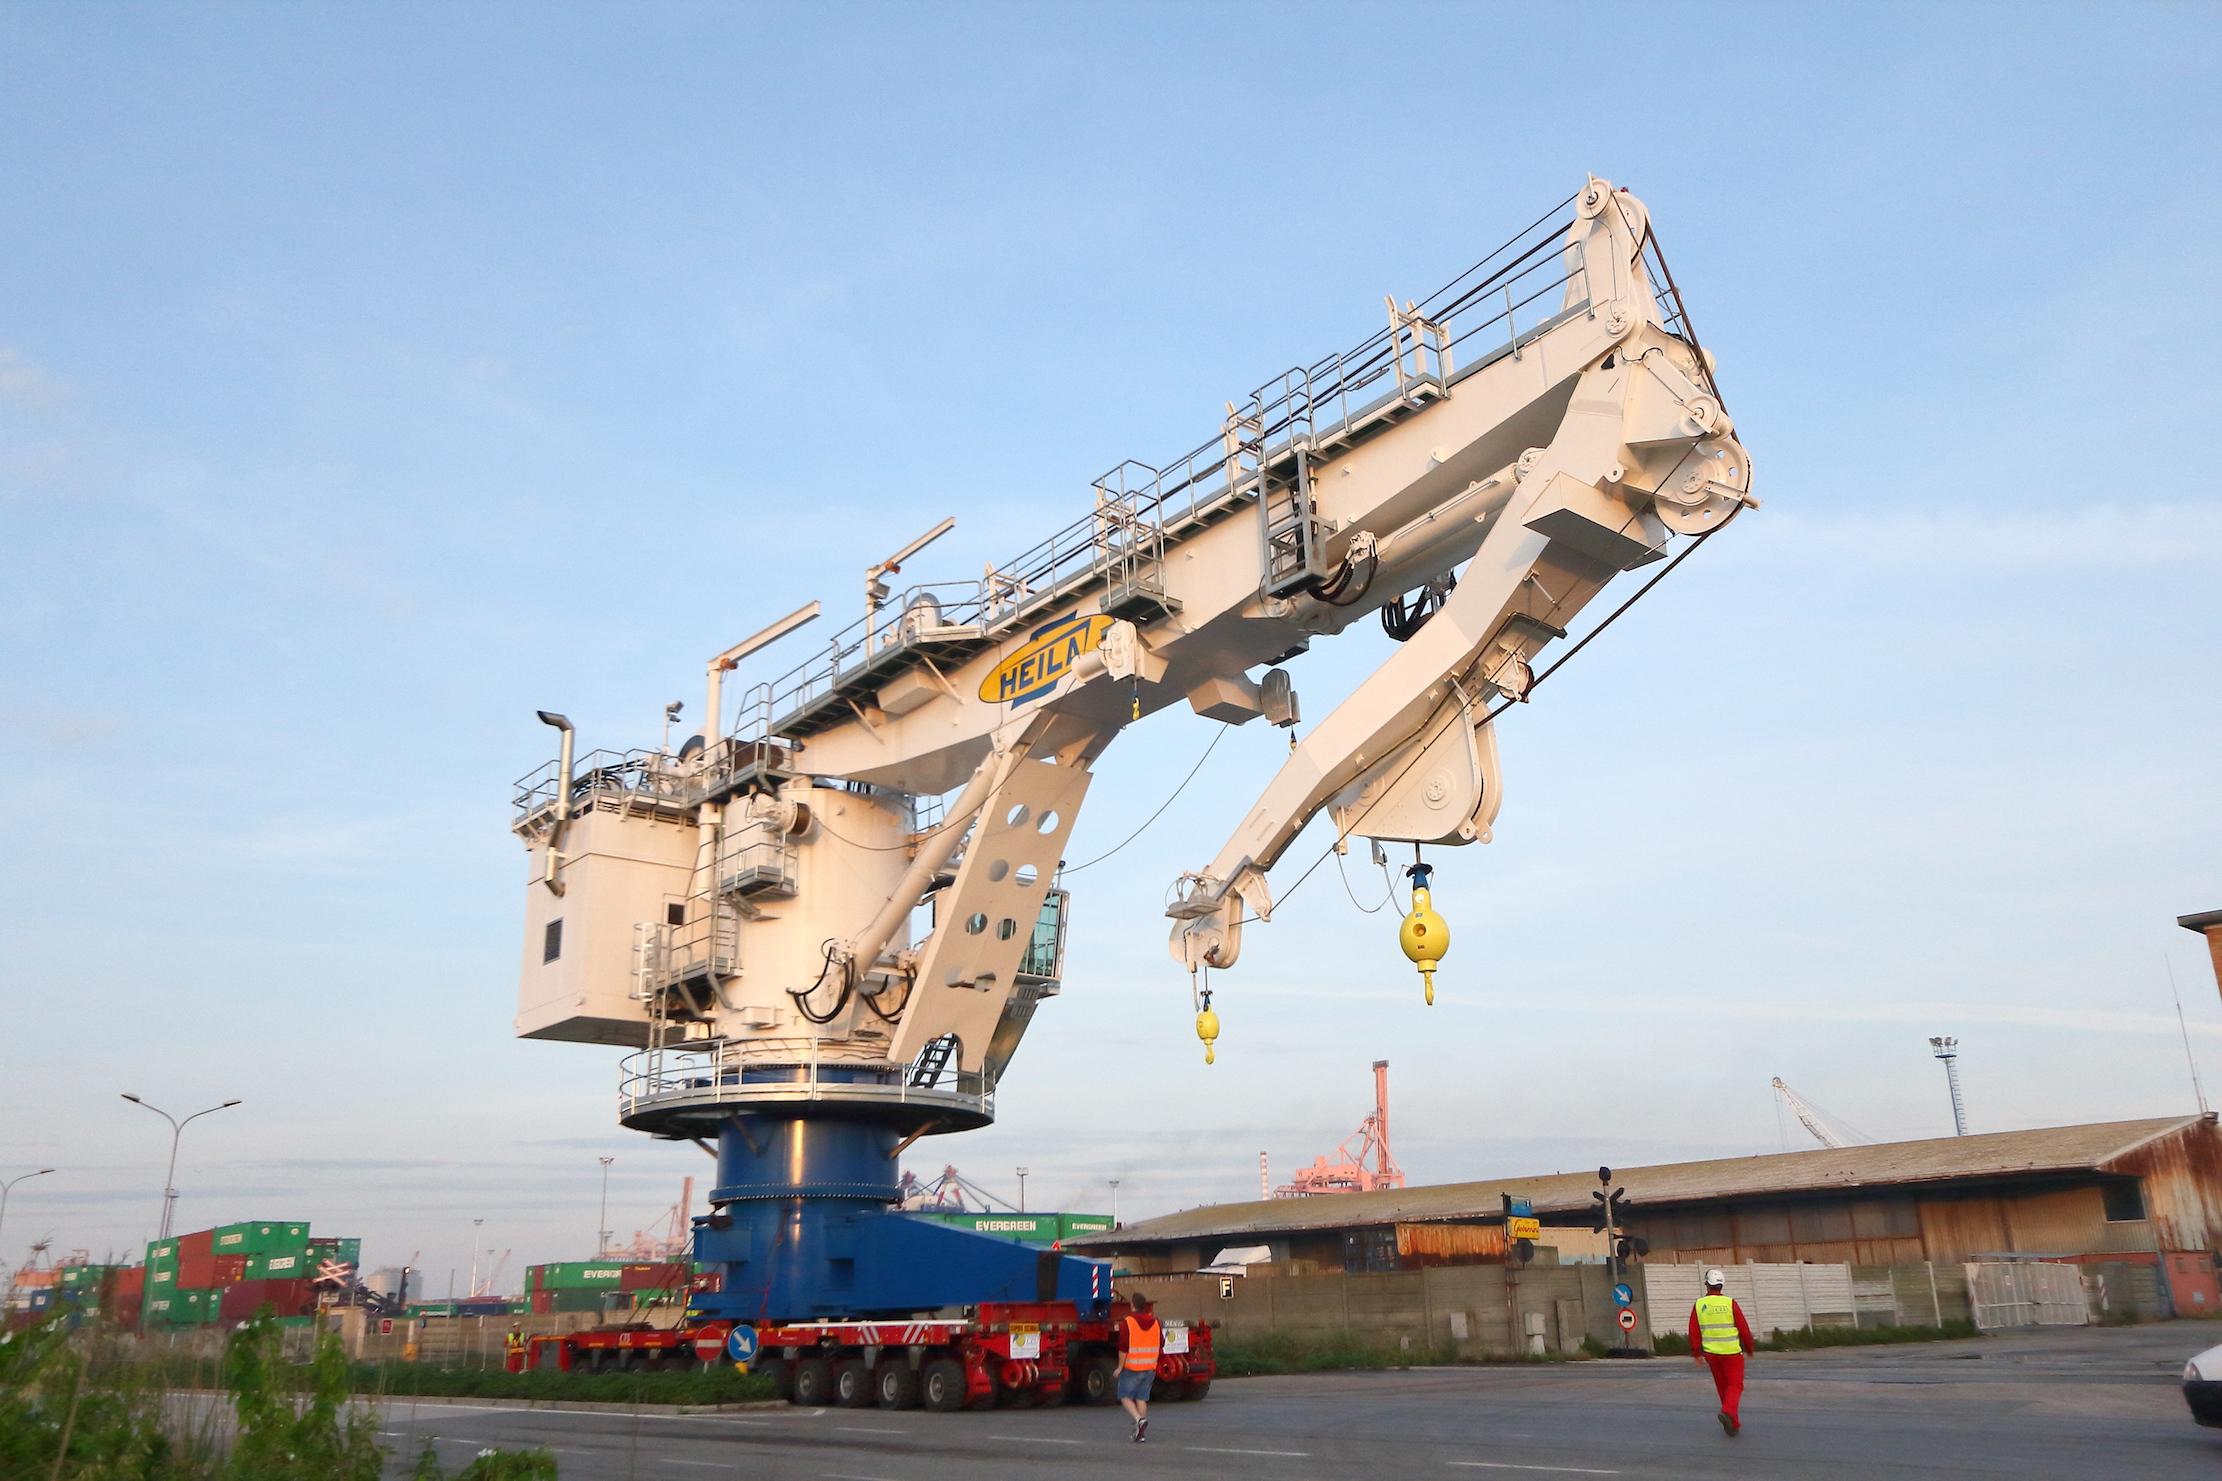 epe006351-crane-image-1